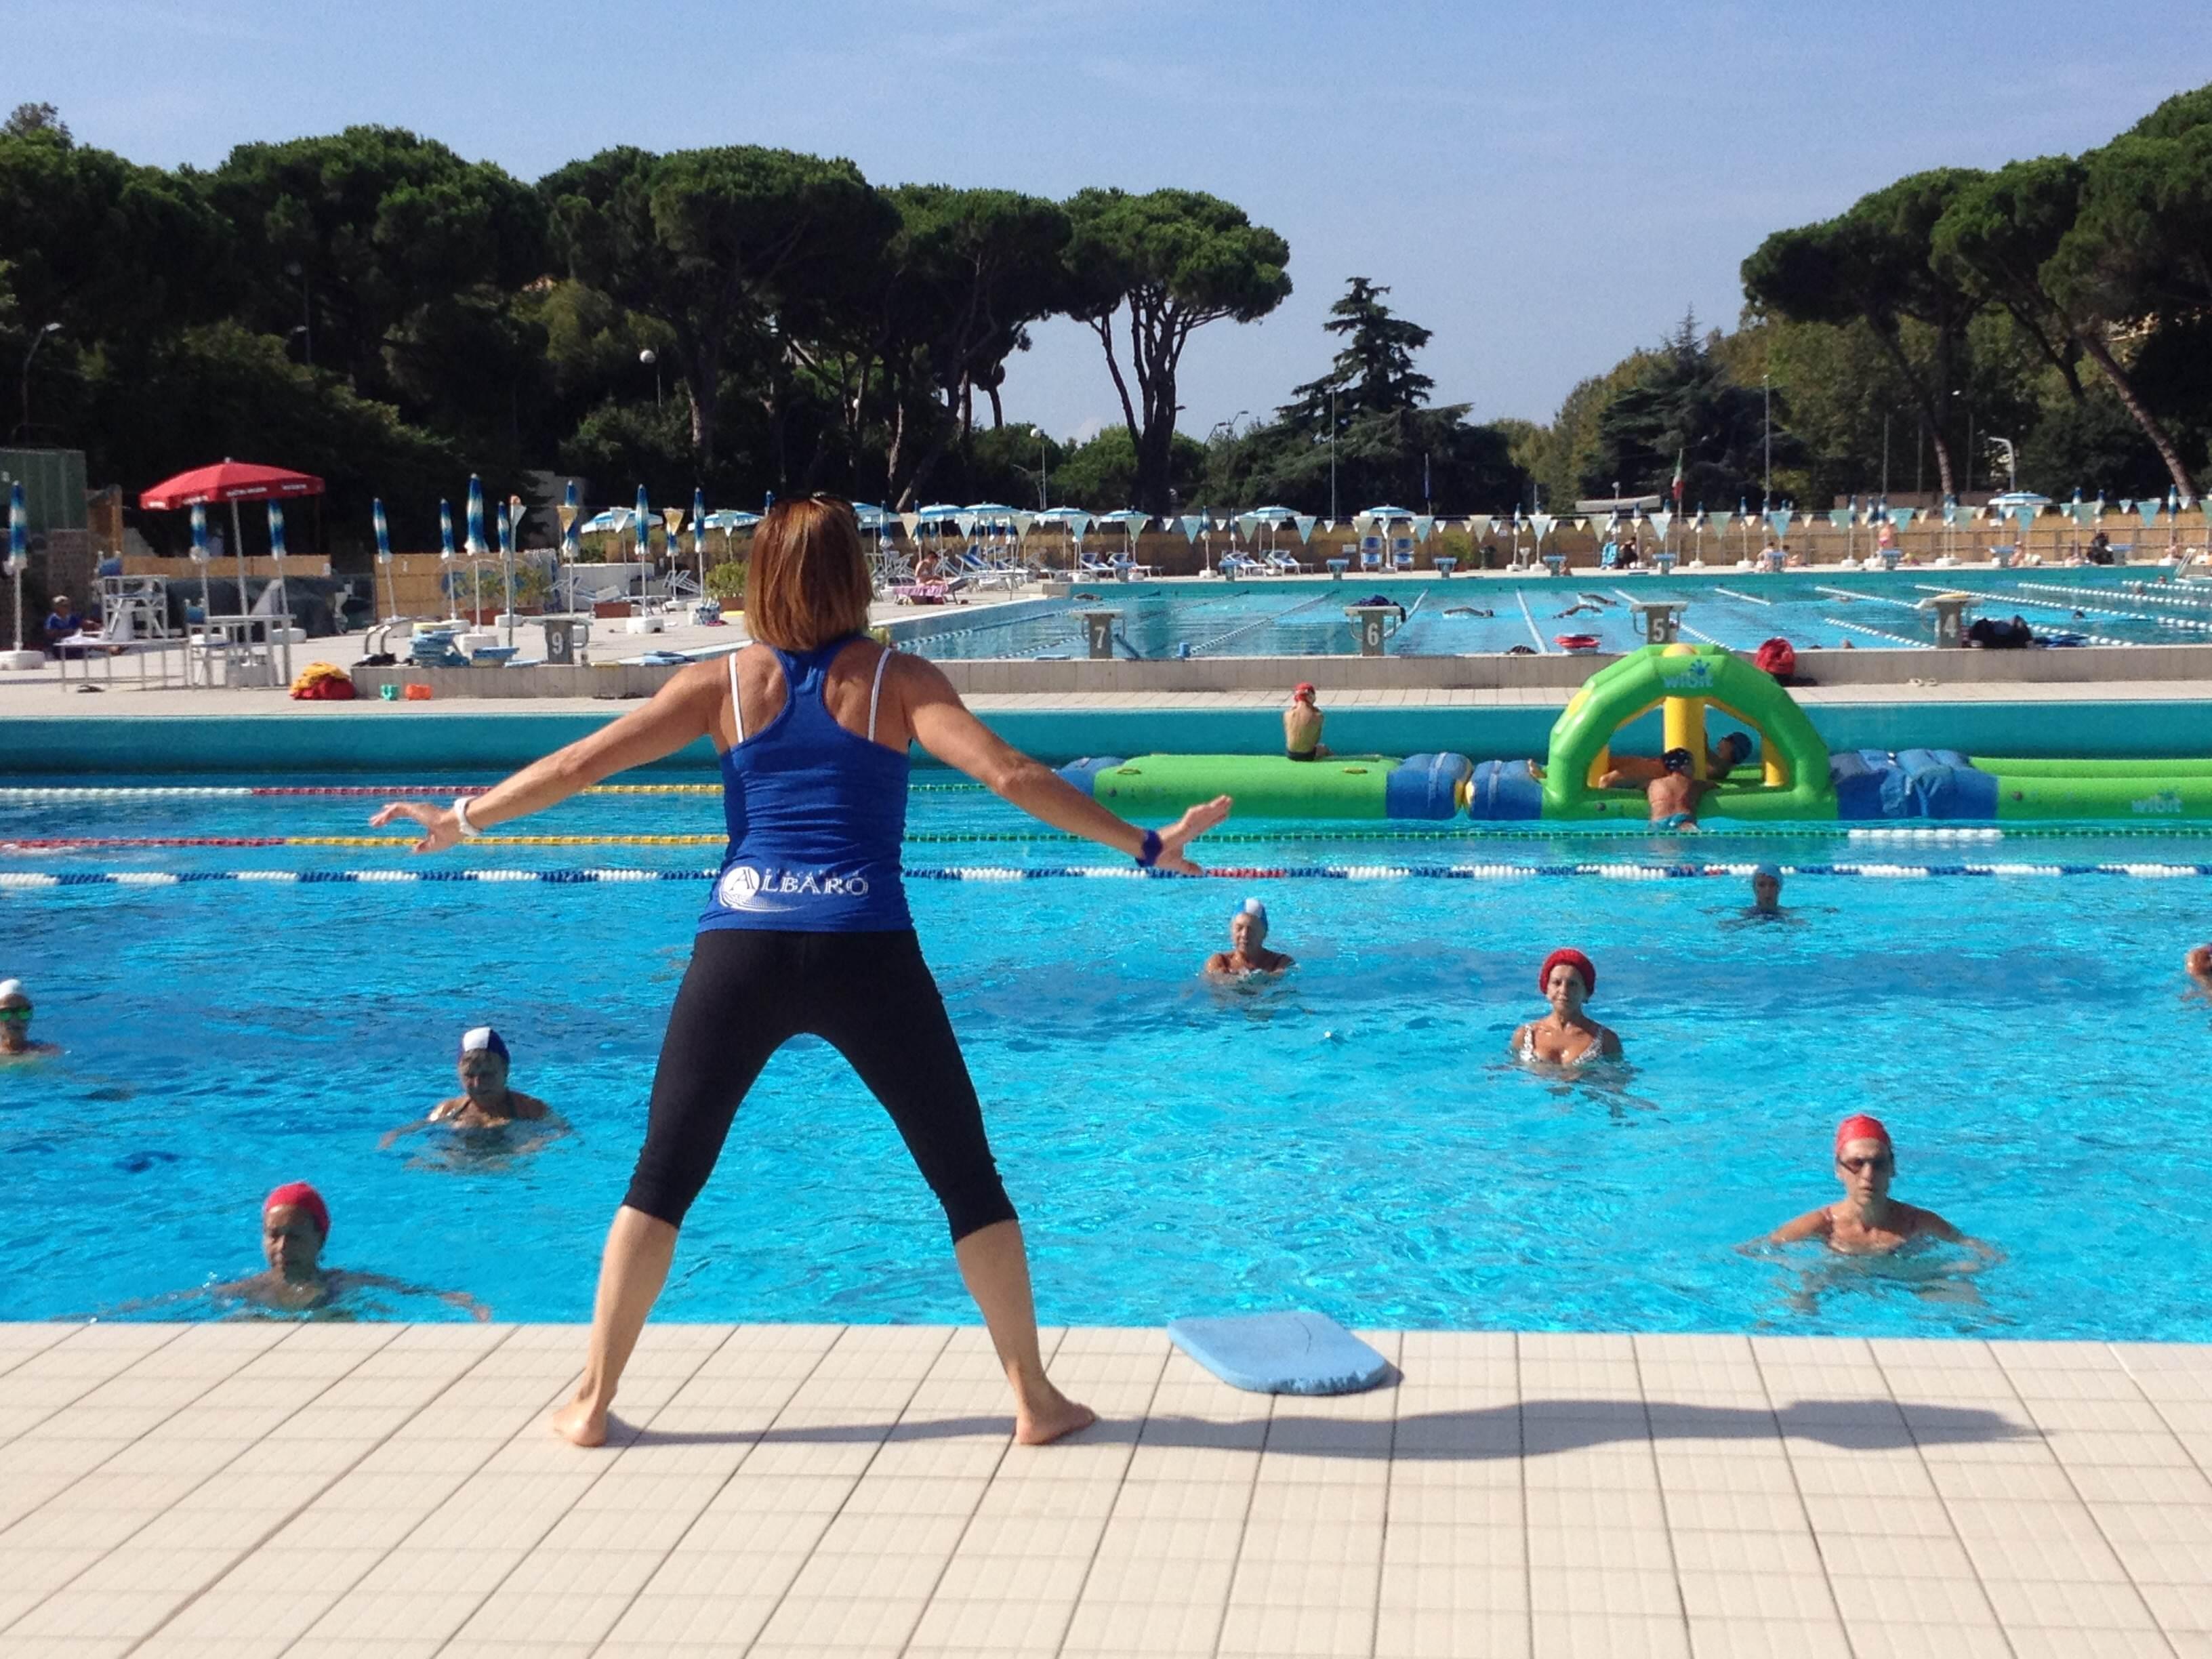 Gallery piscine di albaro - Prezzi piscine albaro ...